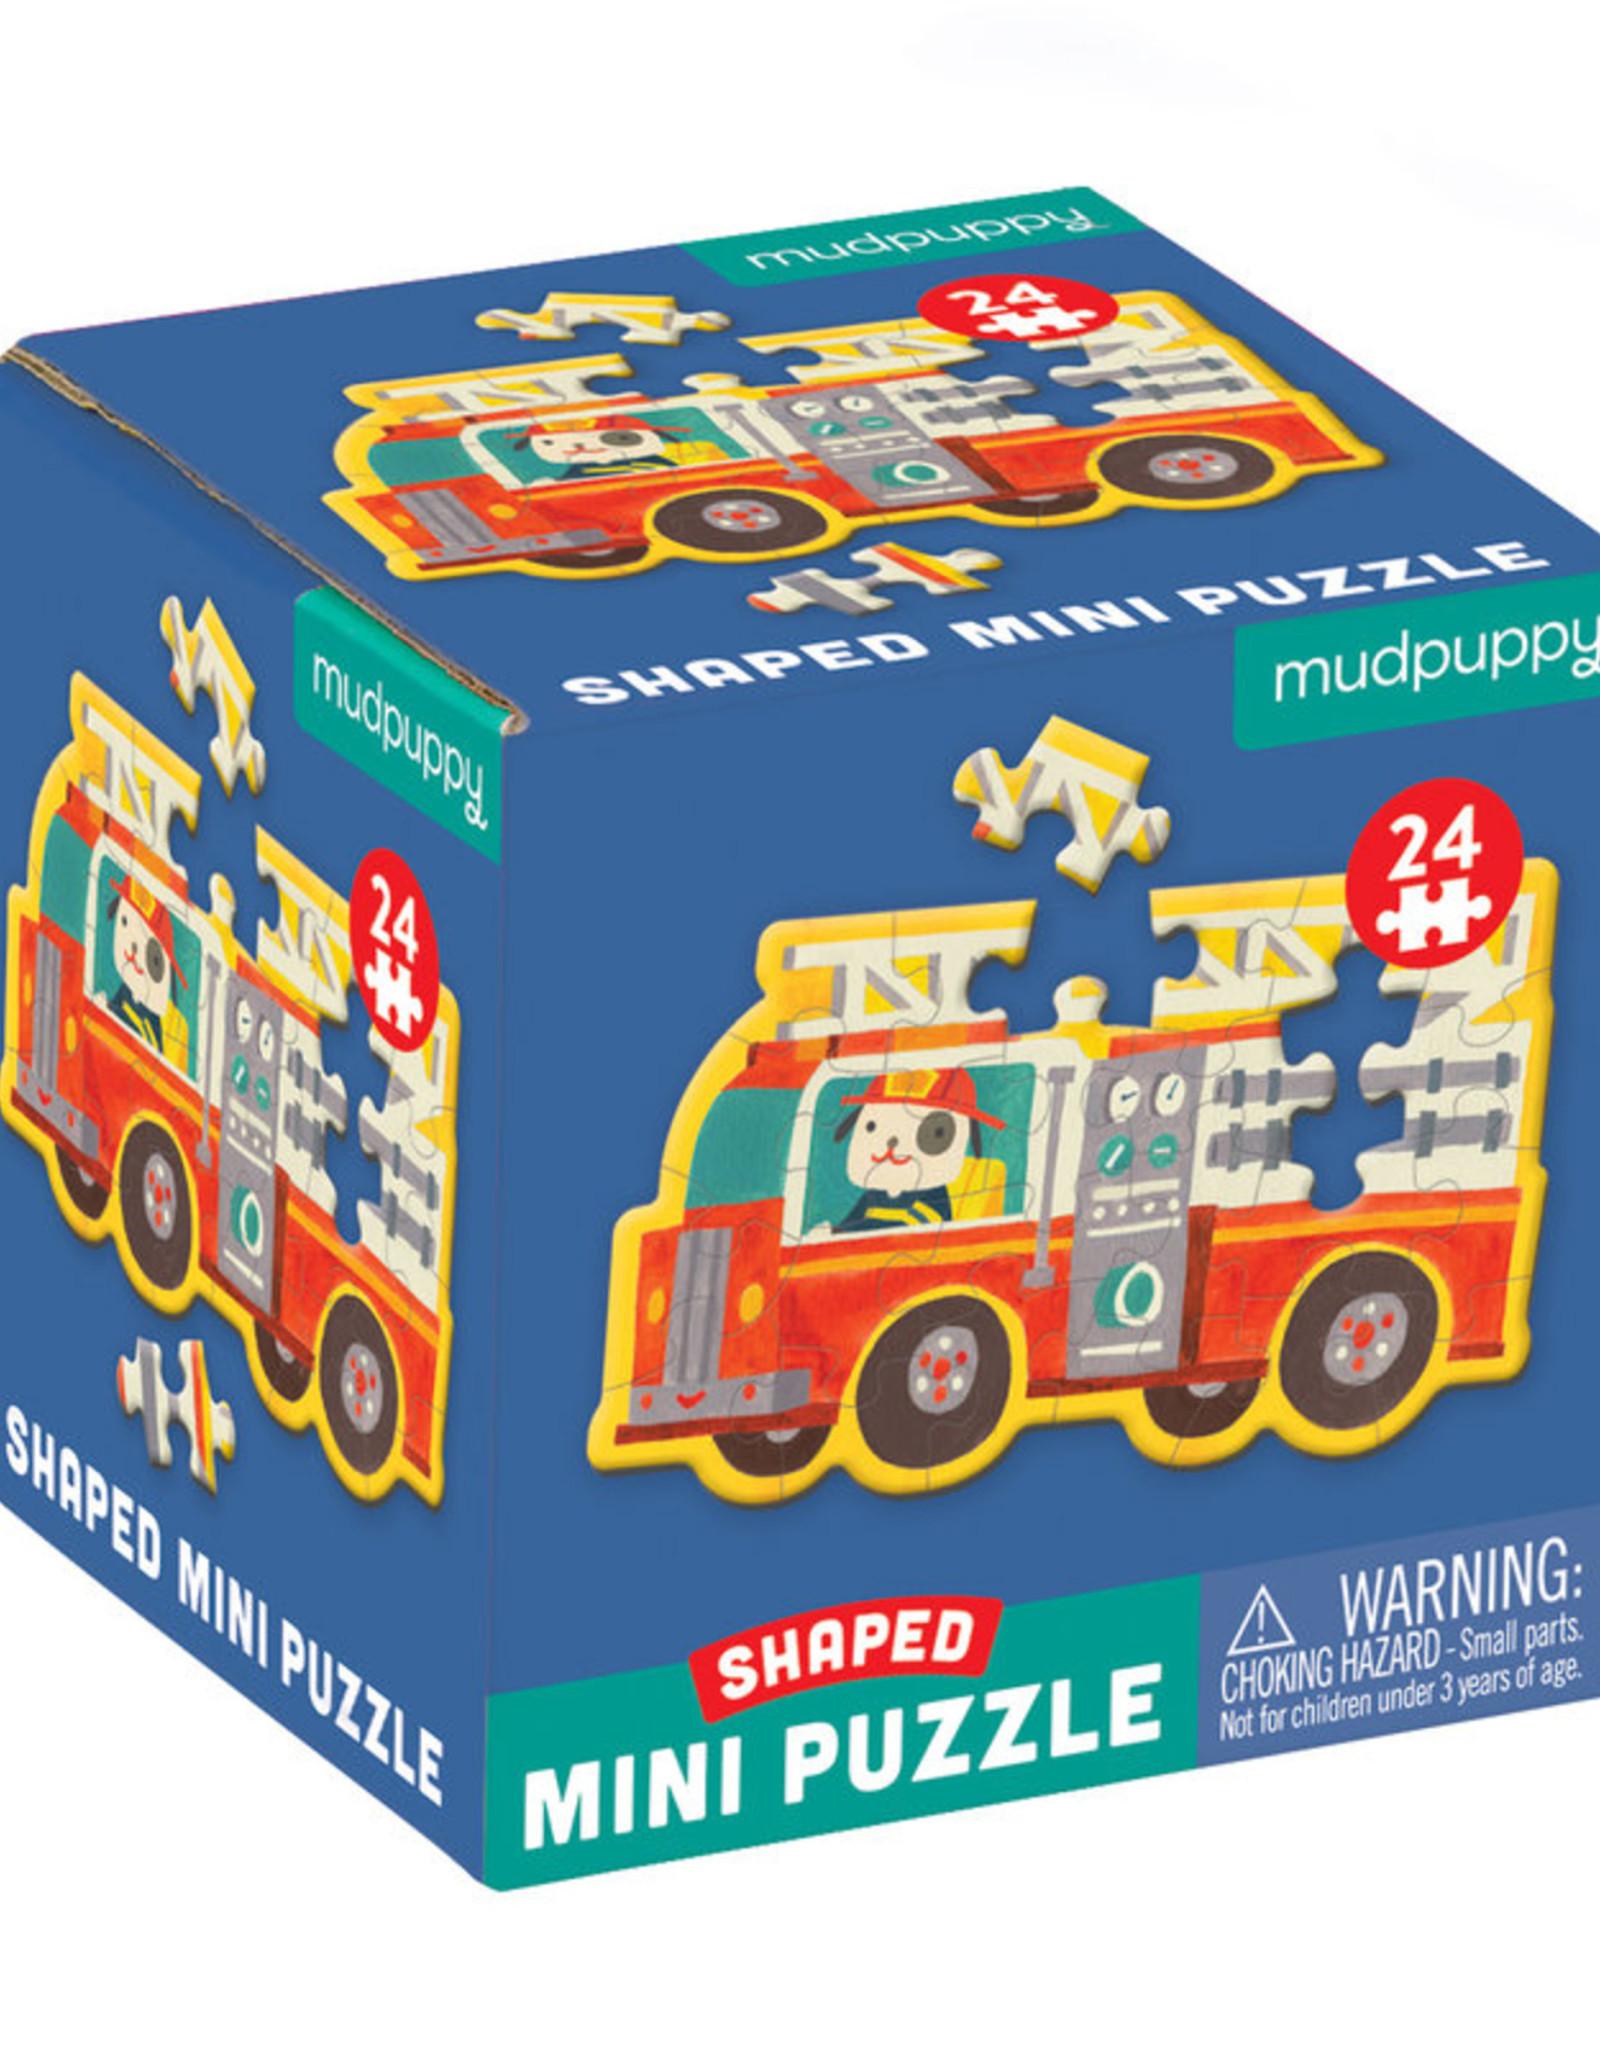 Mudpuppy Firetruck Shaped Mini Puzzle